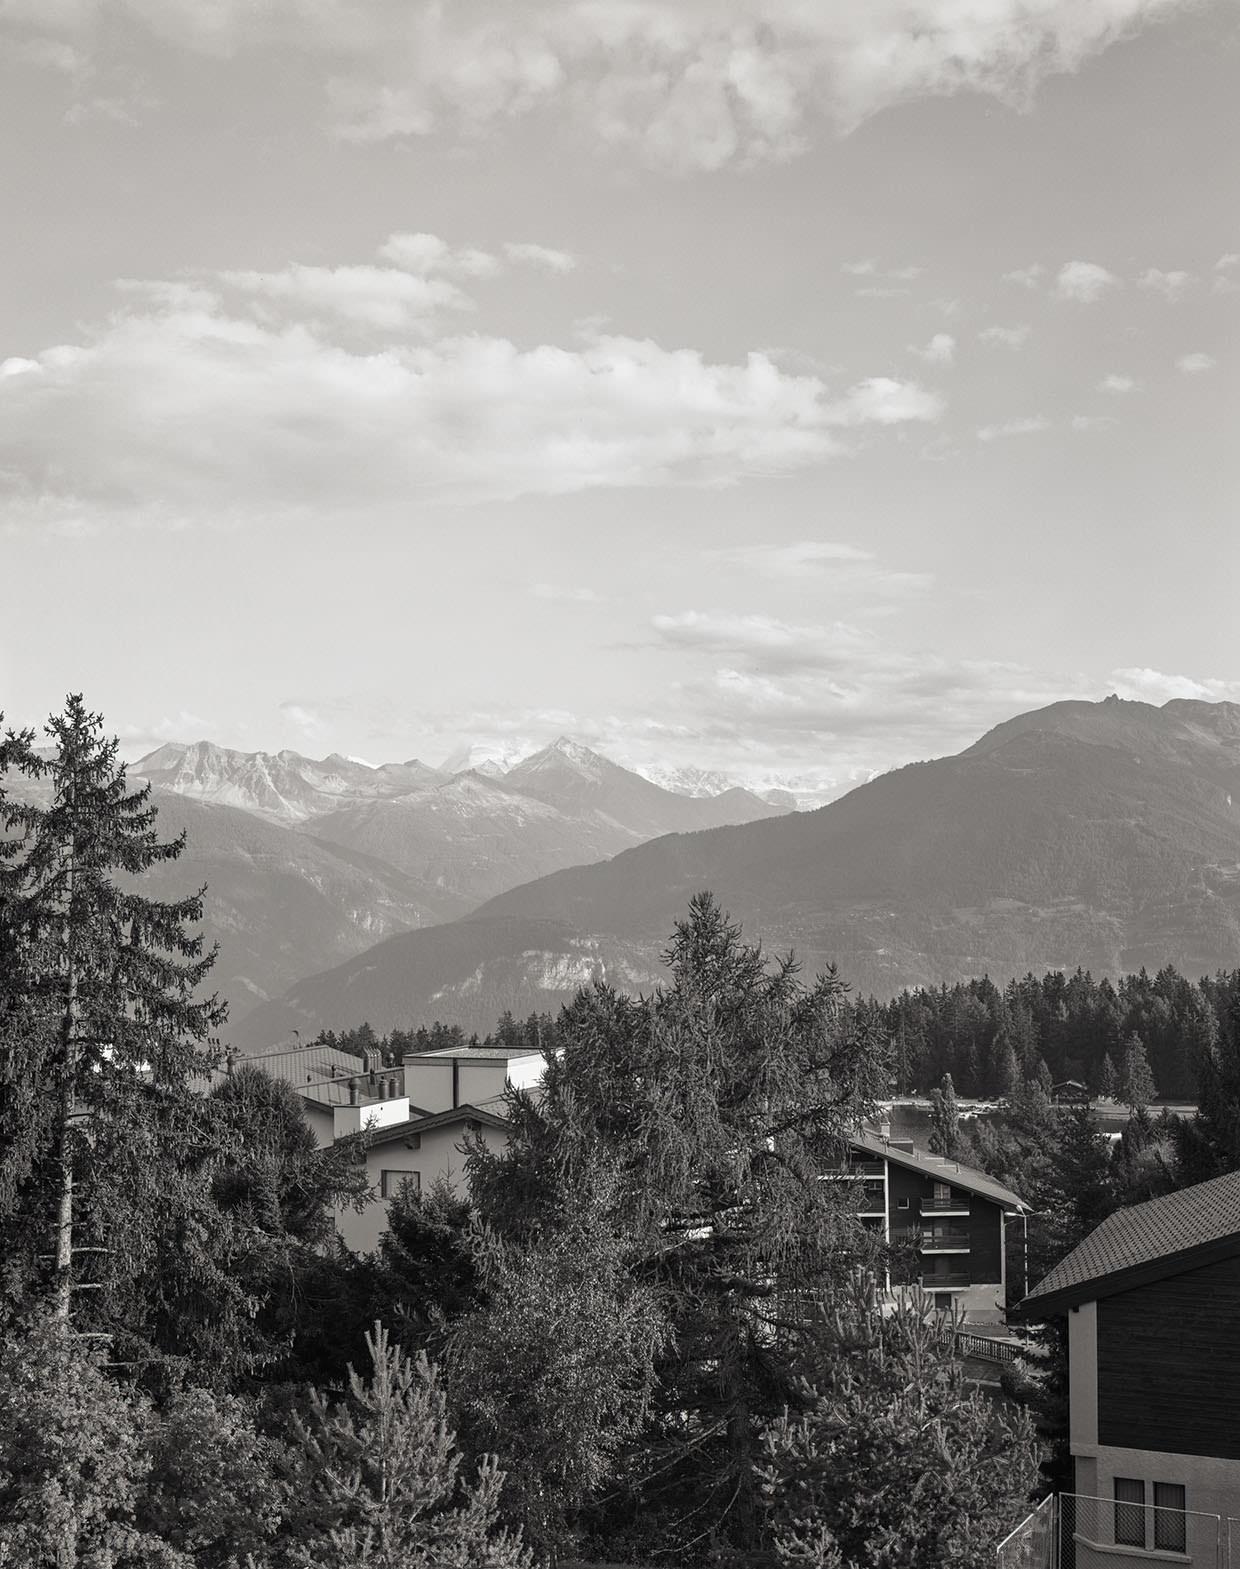 Abb. 8  Blick von Montana auf Sierre und das Val d'Annivier , 2005, Fotograf: Dominique Uldry ©Bern: Dominique Uldry